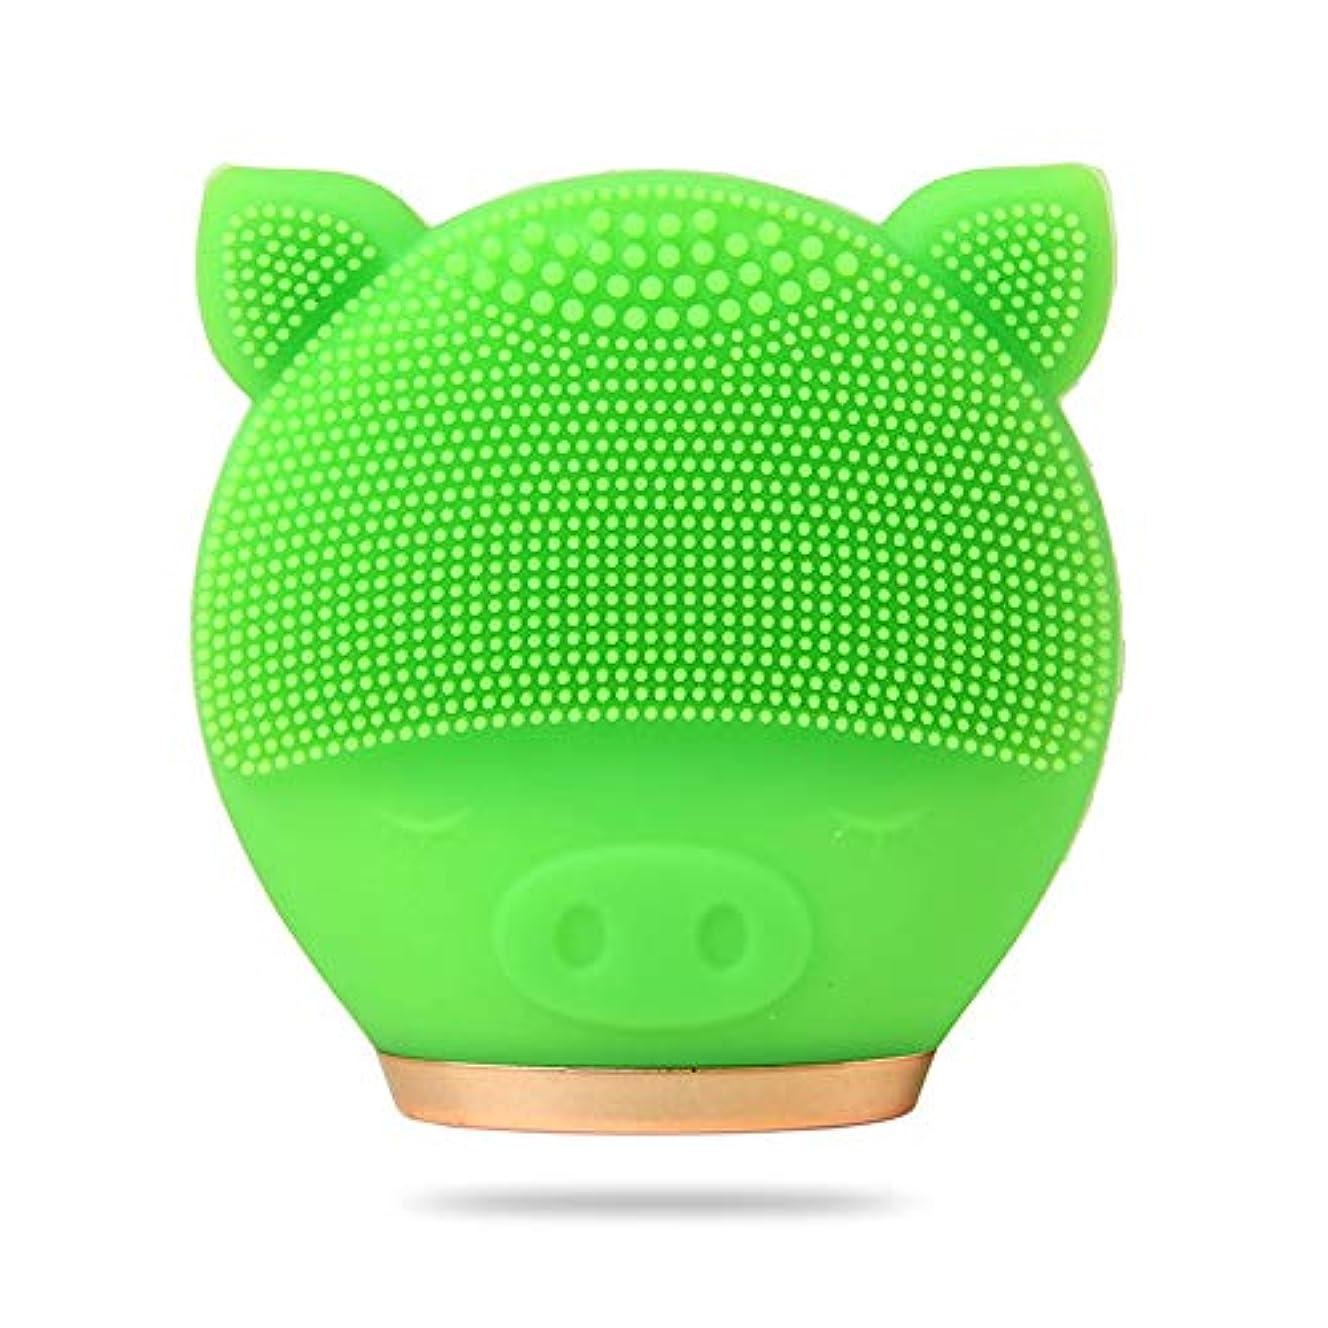 強化調停者荒れ地ZXF 新しい豚モデル電気クレンジング楽器シリコーン超音波振動洗浄顔顔毛穴クリーナー美容器具 滑らかである (色 : Green)